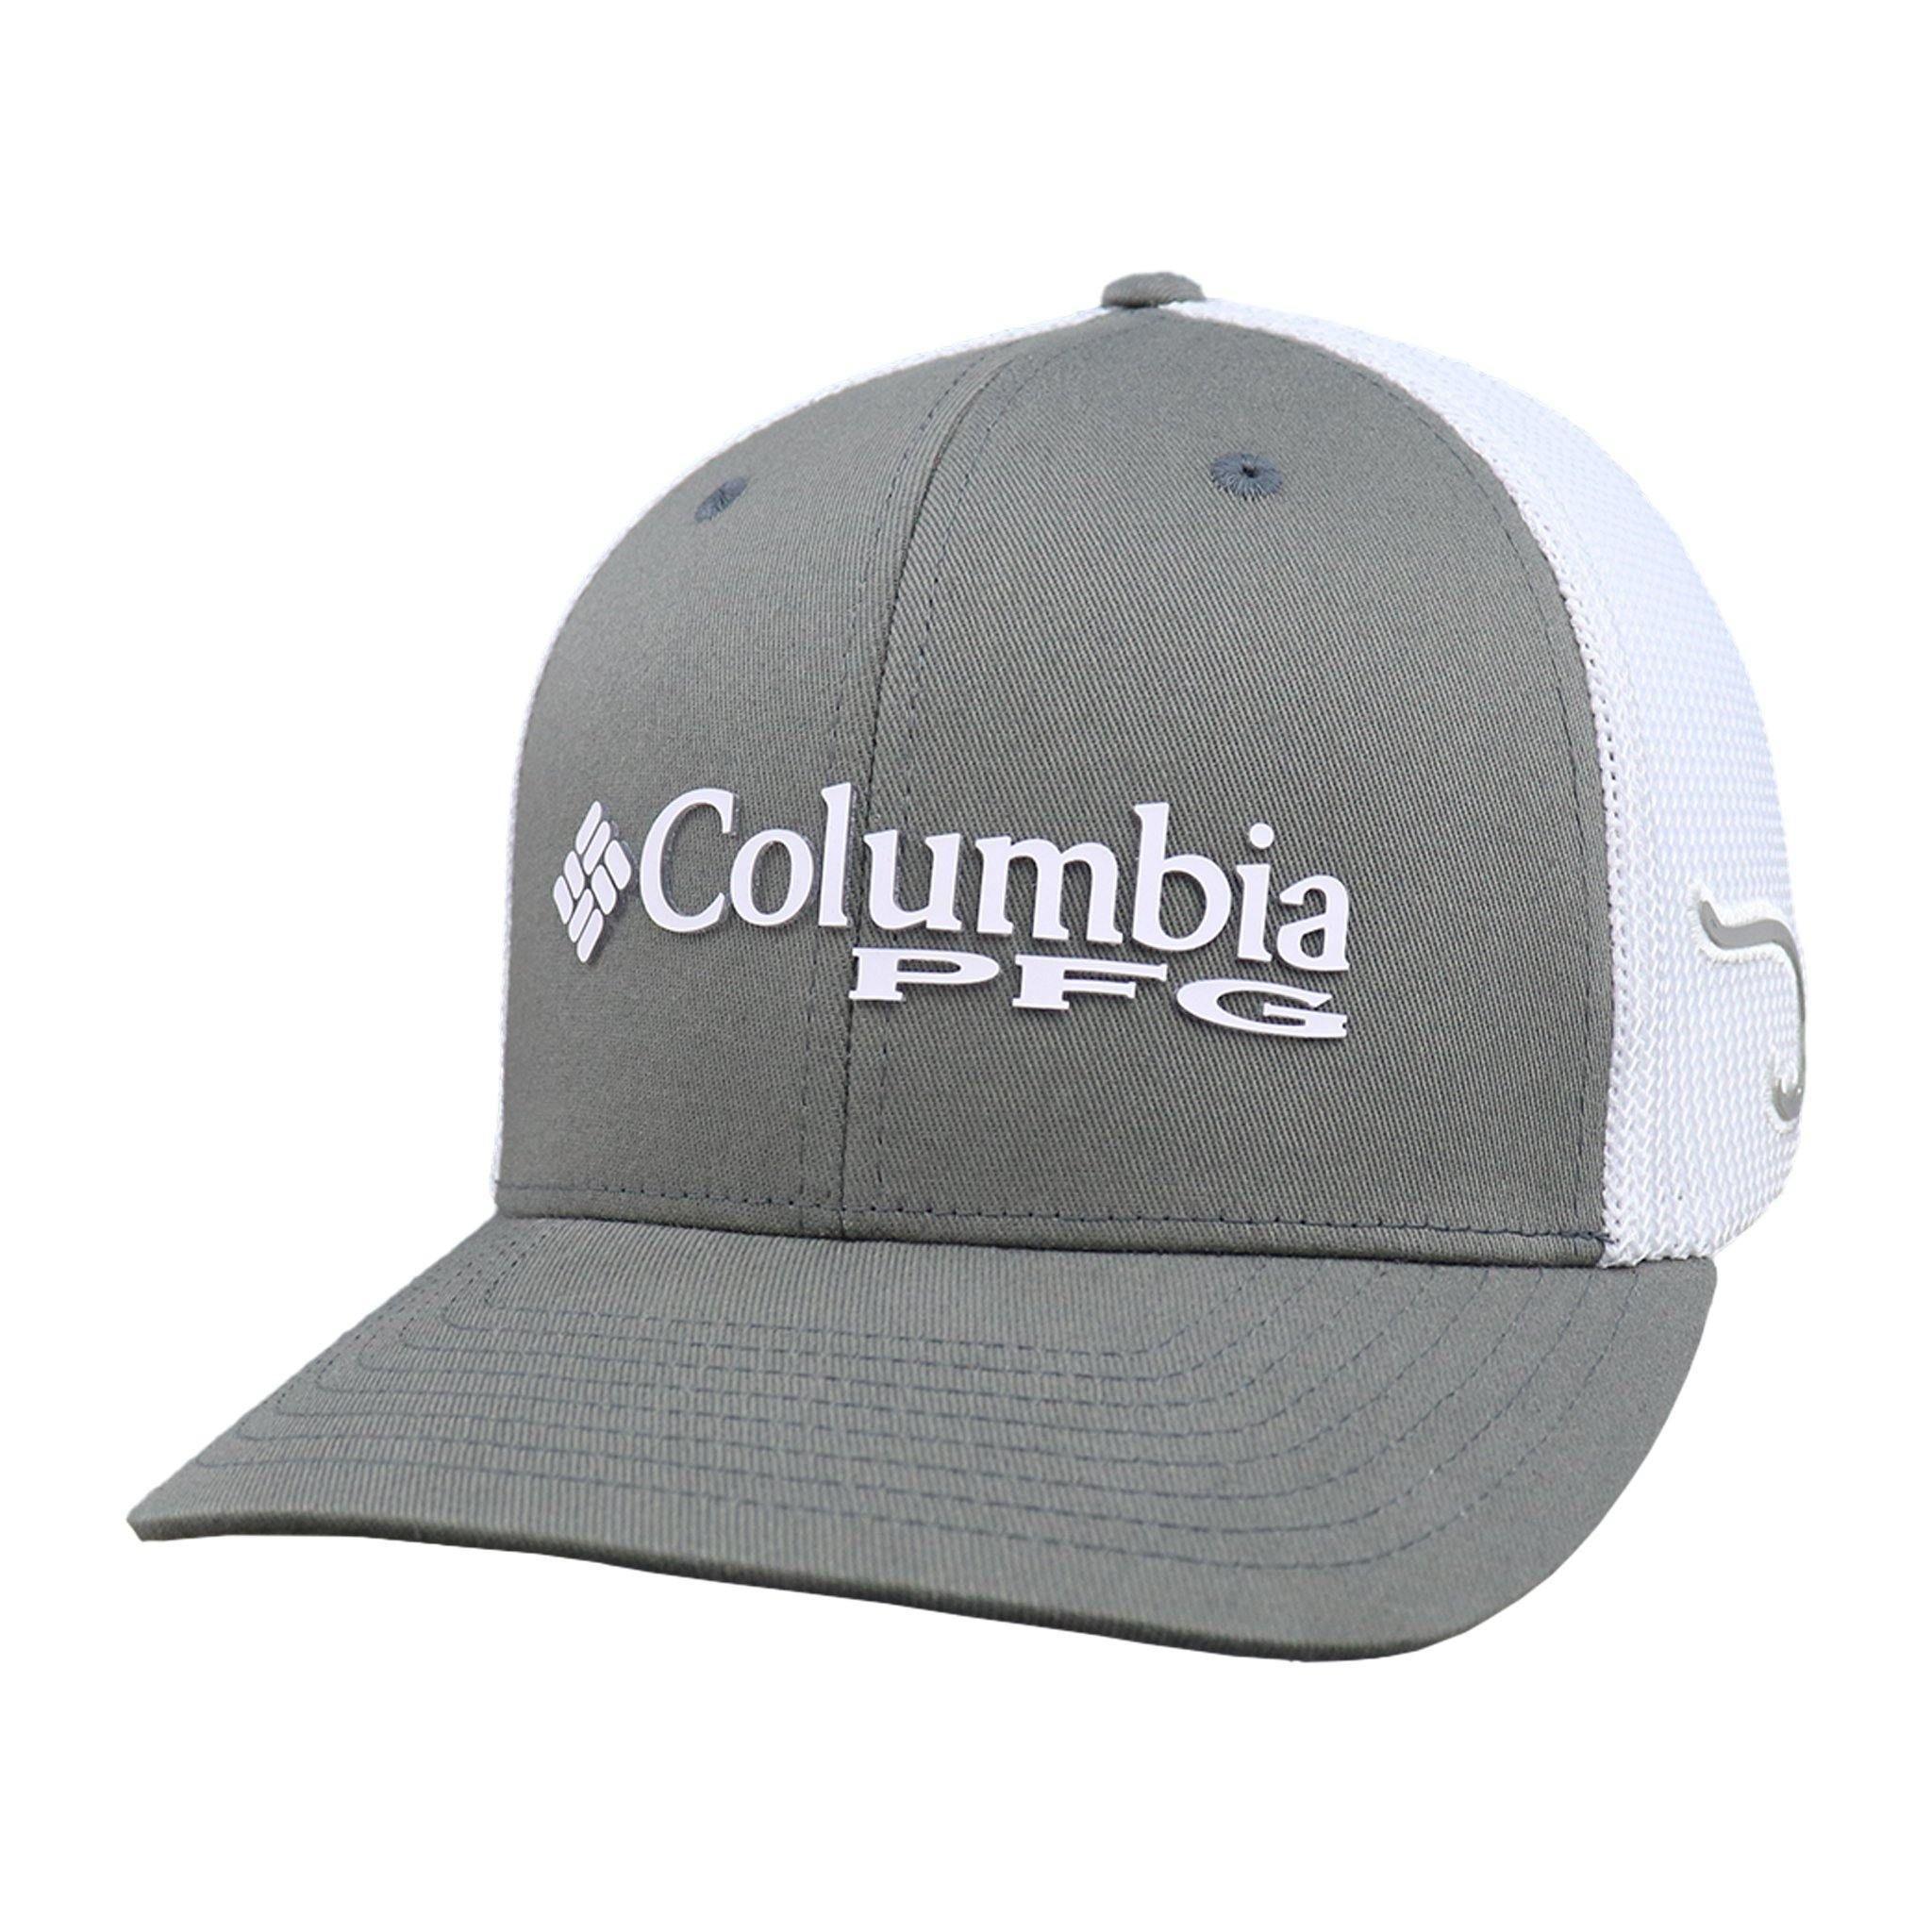 Budweiser Columbia Pfg Mesh Ball Cap In 2021 Ball Cap Cap Hooey Hats